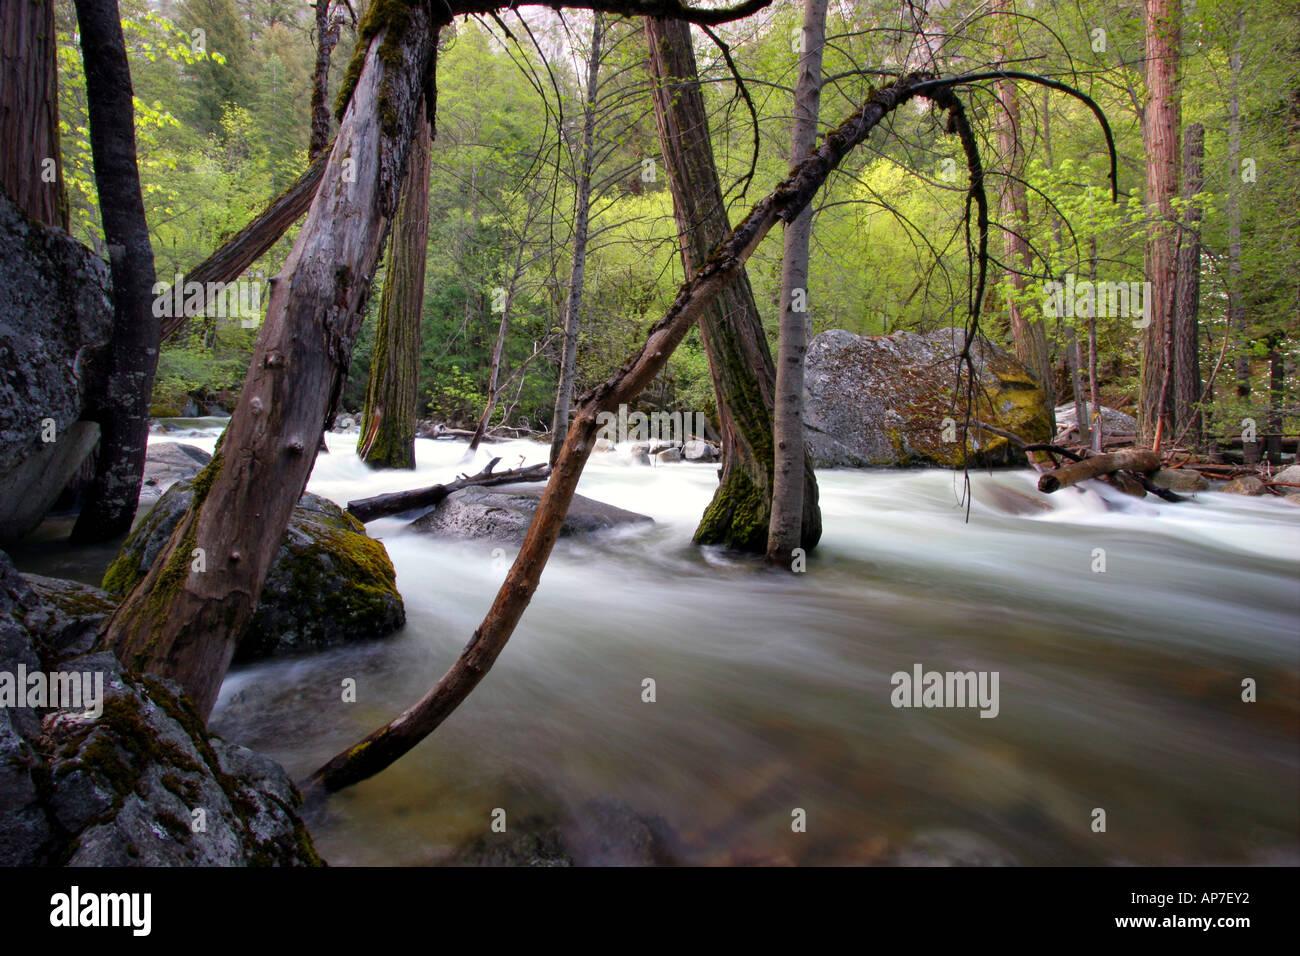 La rivière Merced, Yosemite National Park Banque D'Images